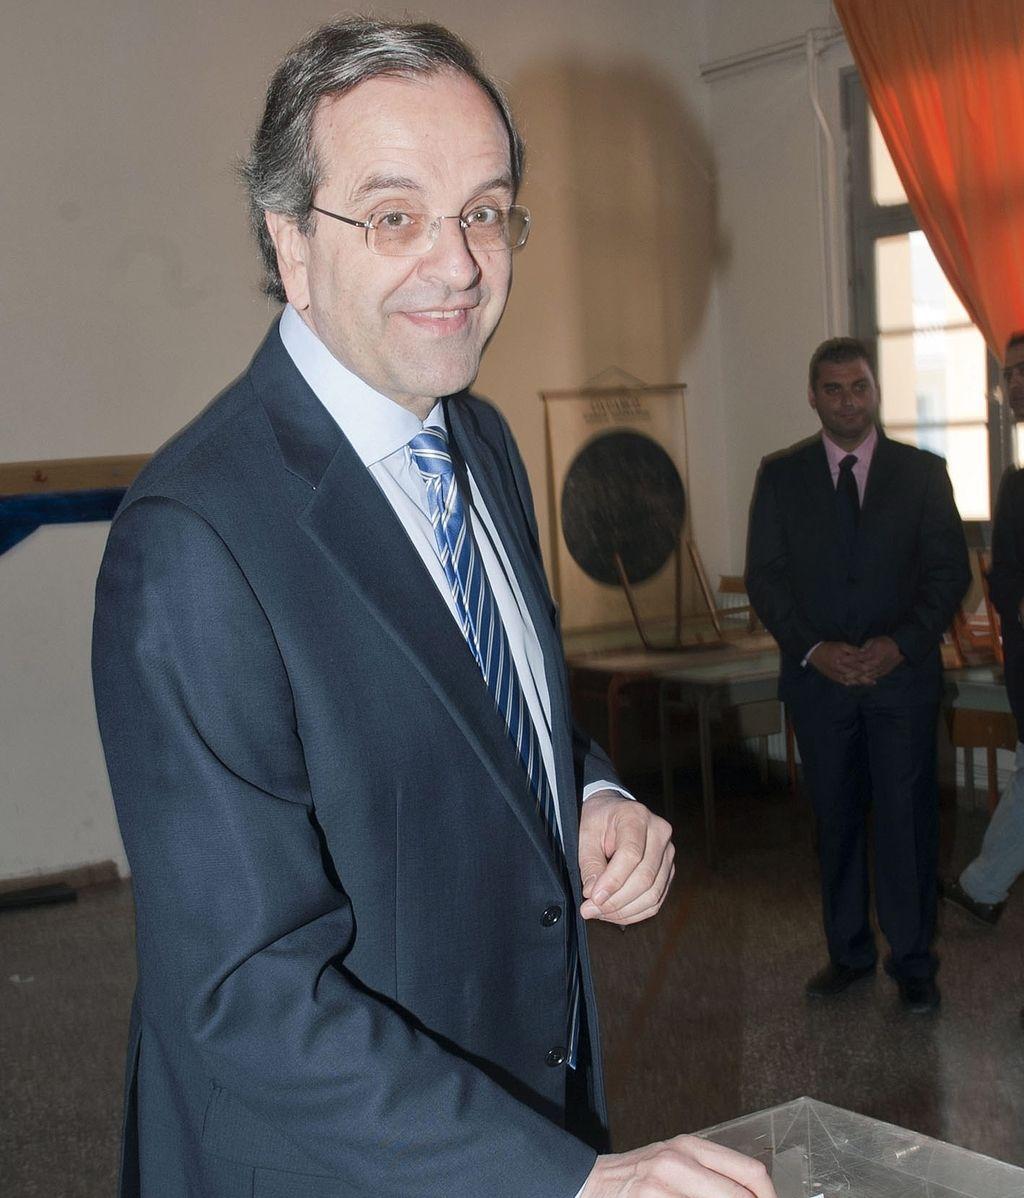 El líder de la conservadora Nueva Democracia (ND) y favorito en las encuestas, Antonis Samarás, ejerce su derecho al voto en Pylos (Grecia)